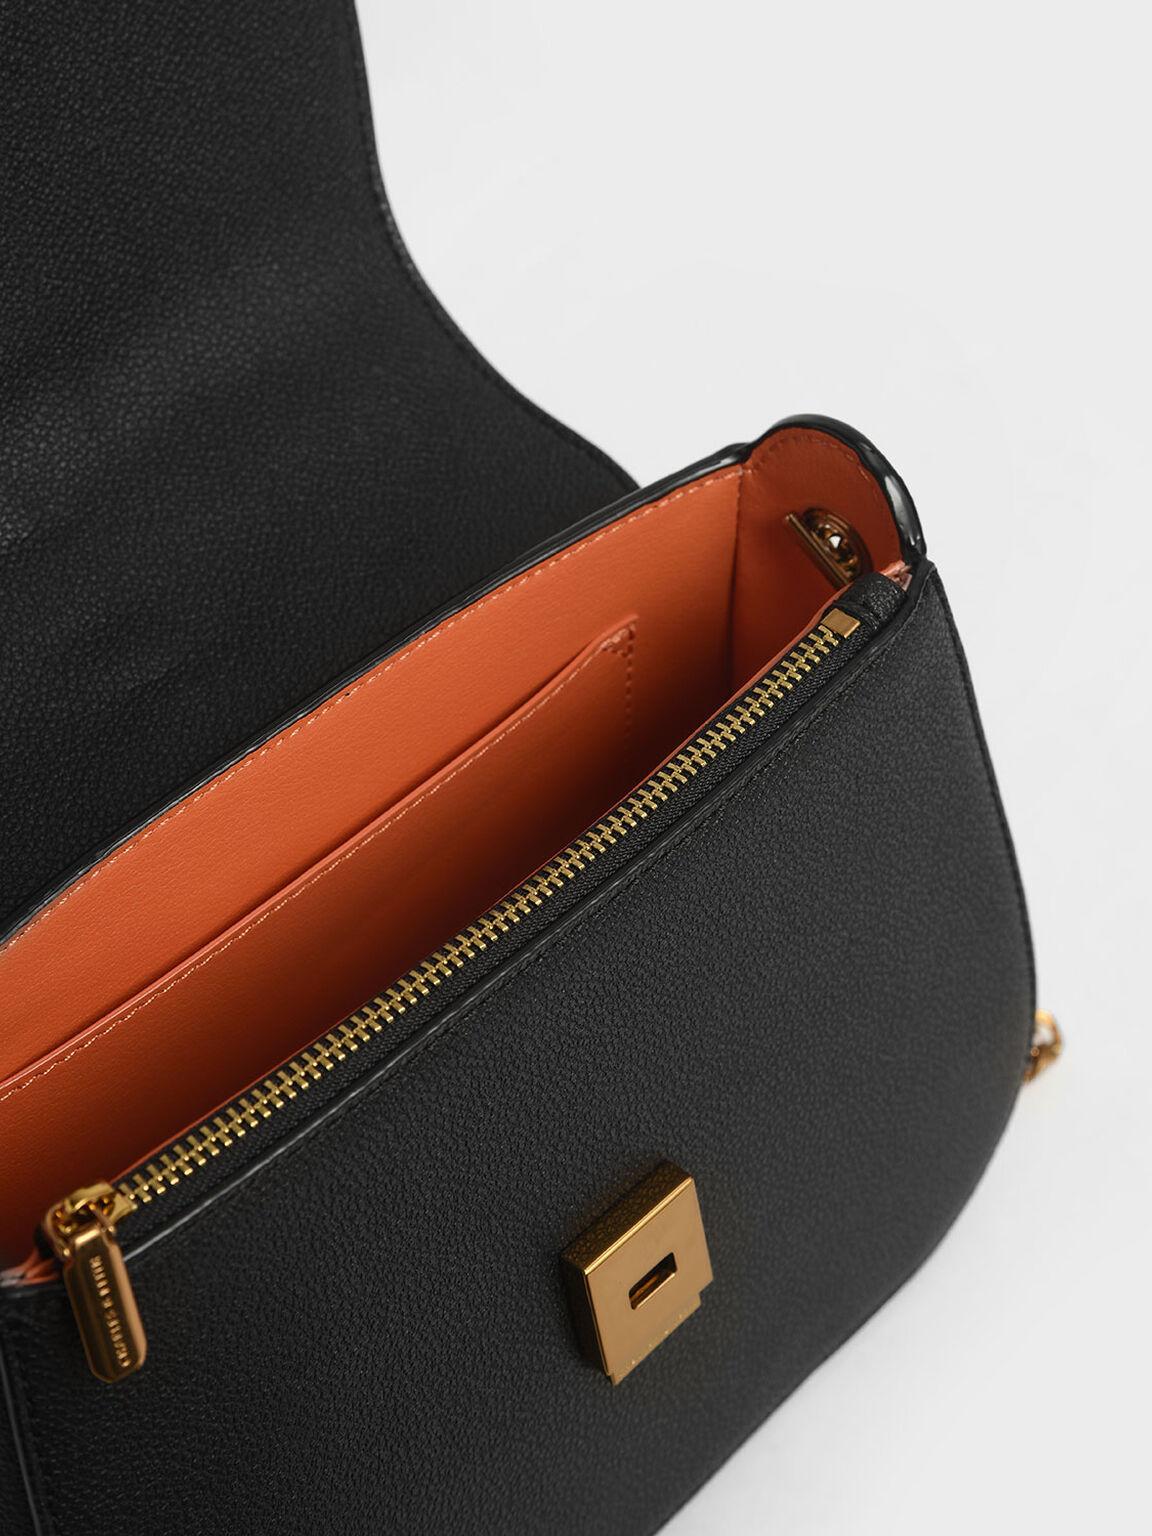 絲巾掀蓋手提包, 黑色, hi-res